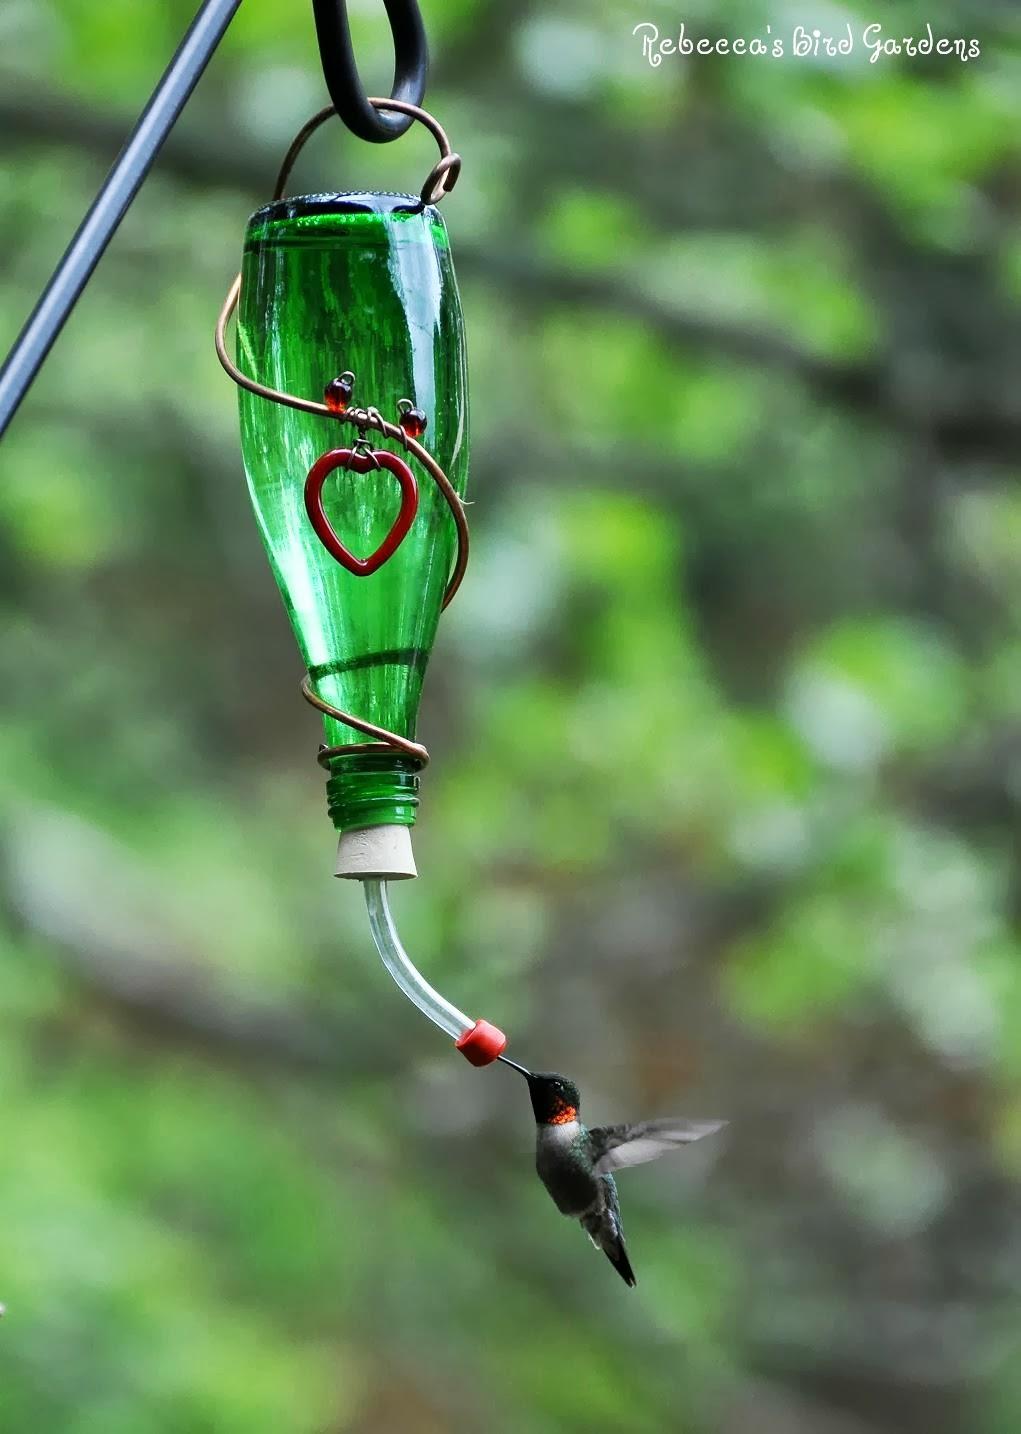 Rebecca 39 s bird gardens blog diy fruit and hummingbird feeders for Diy birdfeeders